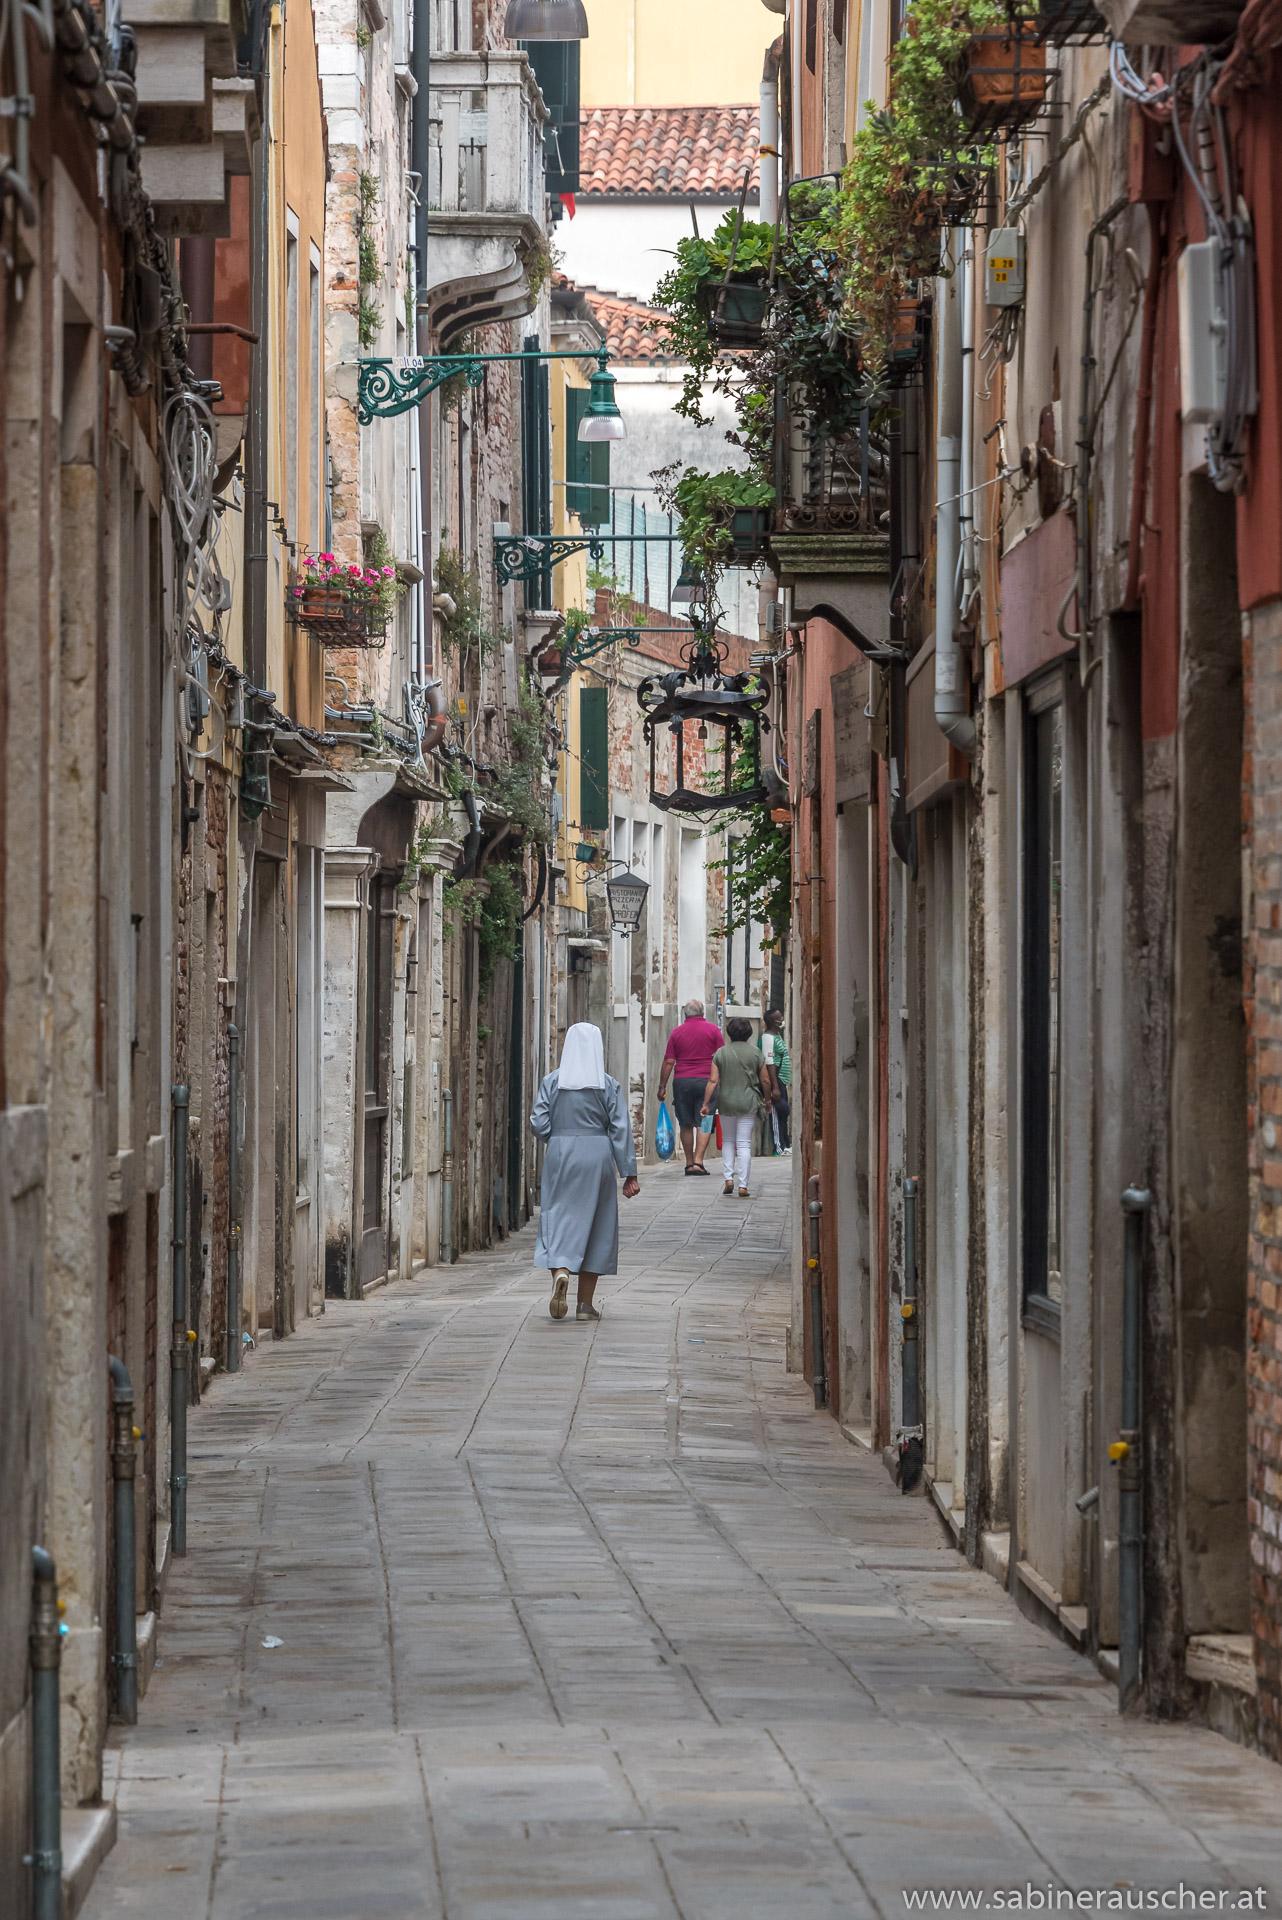 Venice - a nun on her way to Sunday´s service? | Venedig - eine Nonne auf dem Weg zur Sonntagsmesse?